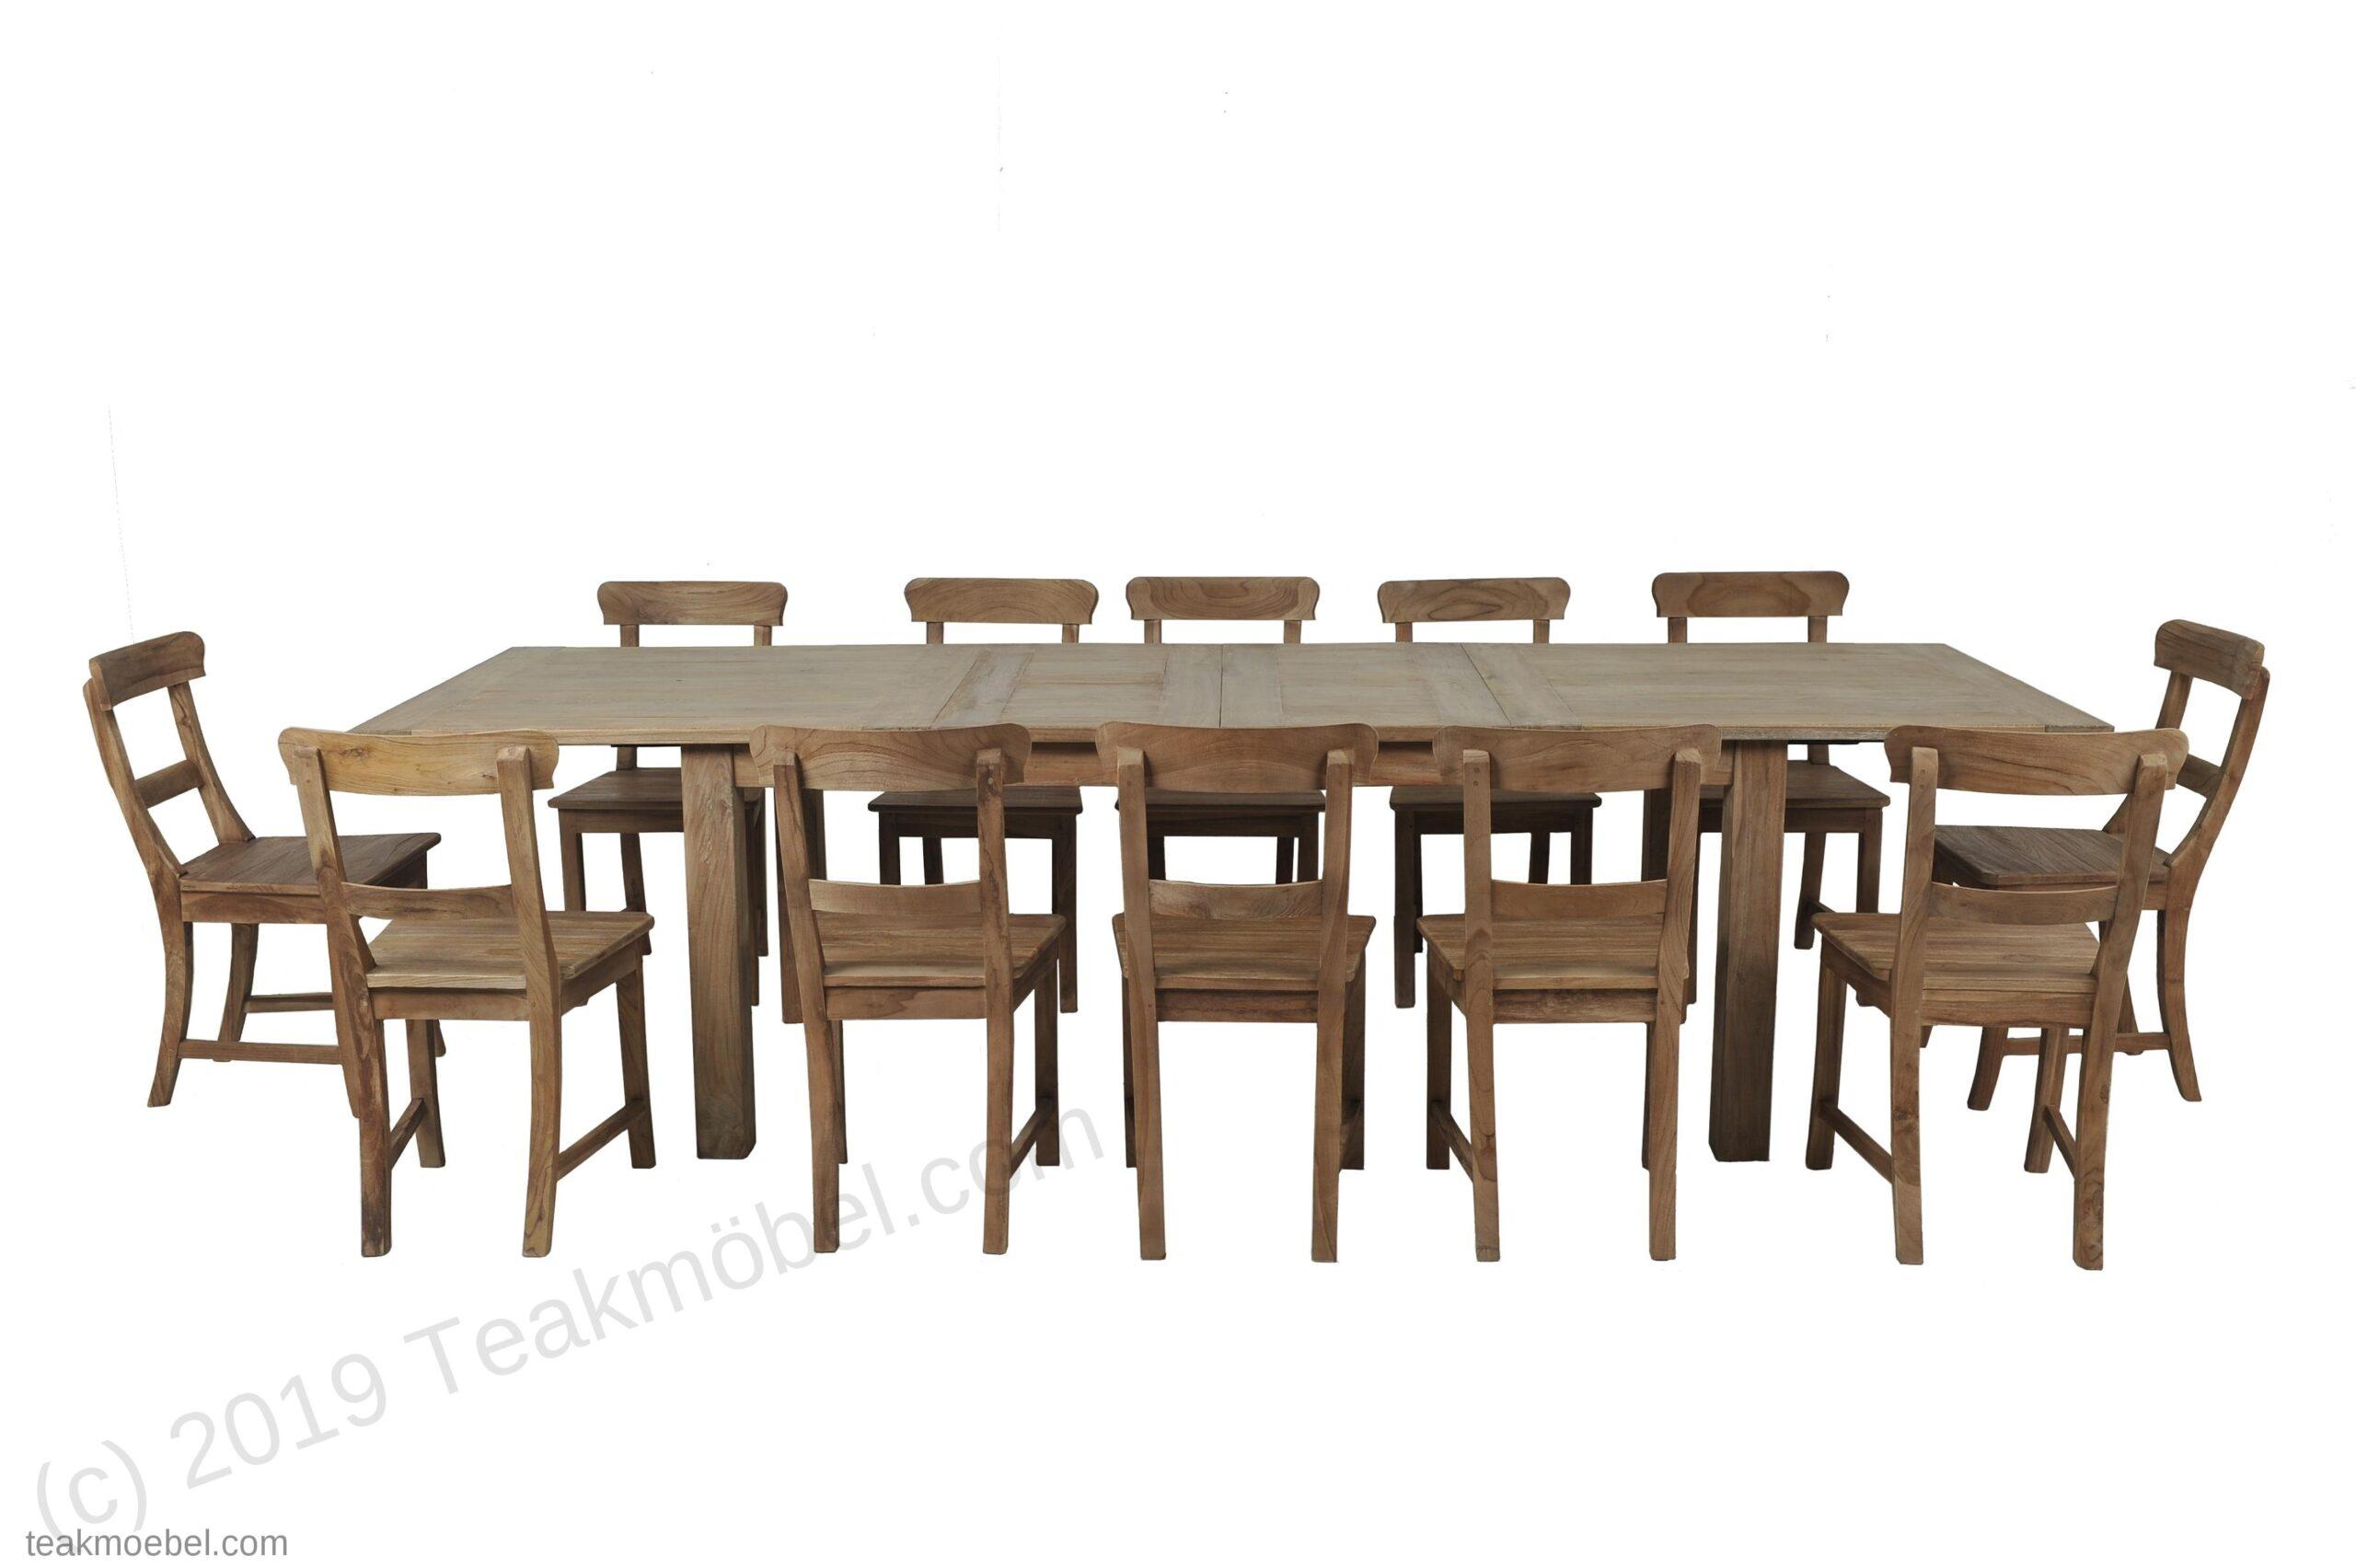 Full Size of Runder Esstisch Ausziehbar Rund Esstische Massiv Modern Weiß Beton Musterring Massivholz Eiche Rustikal Klein Mit Stühlen Oval Stühle Glas Deckenlampe Esstische Runder Esstisch Ausziehbar